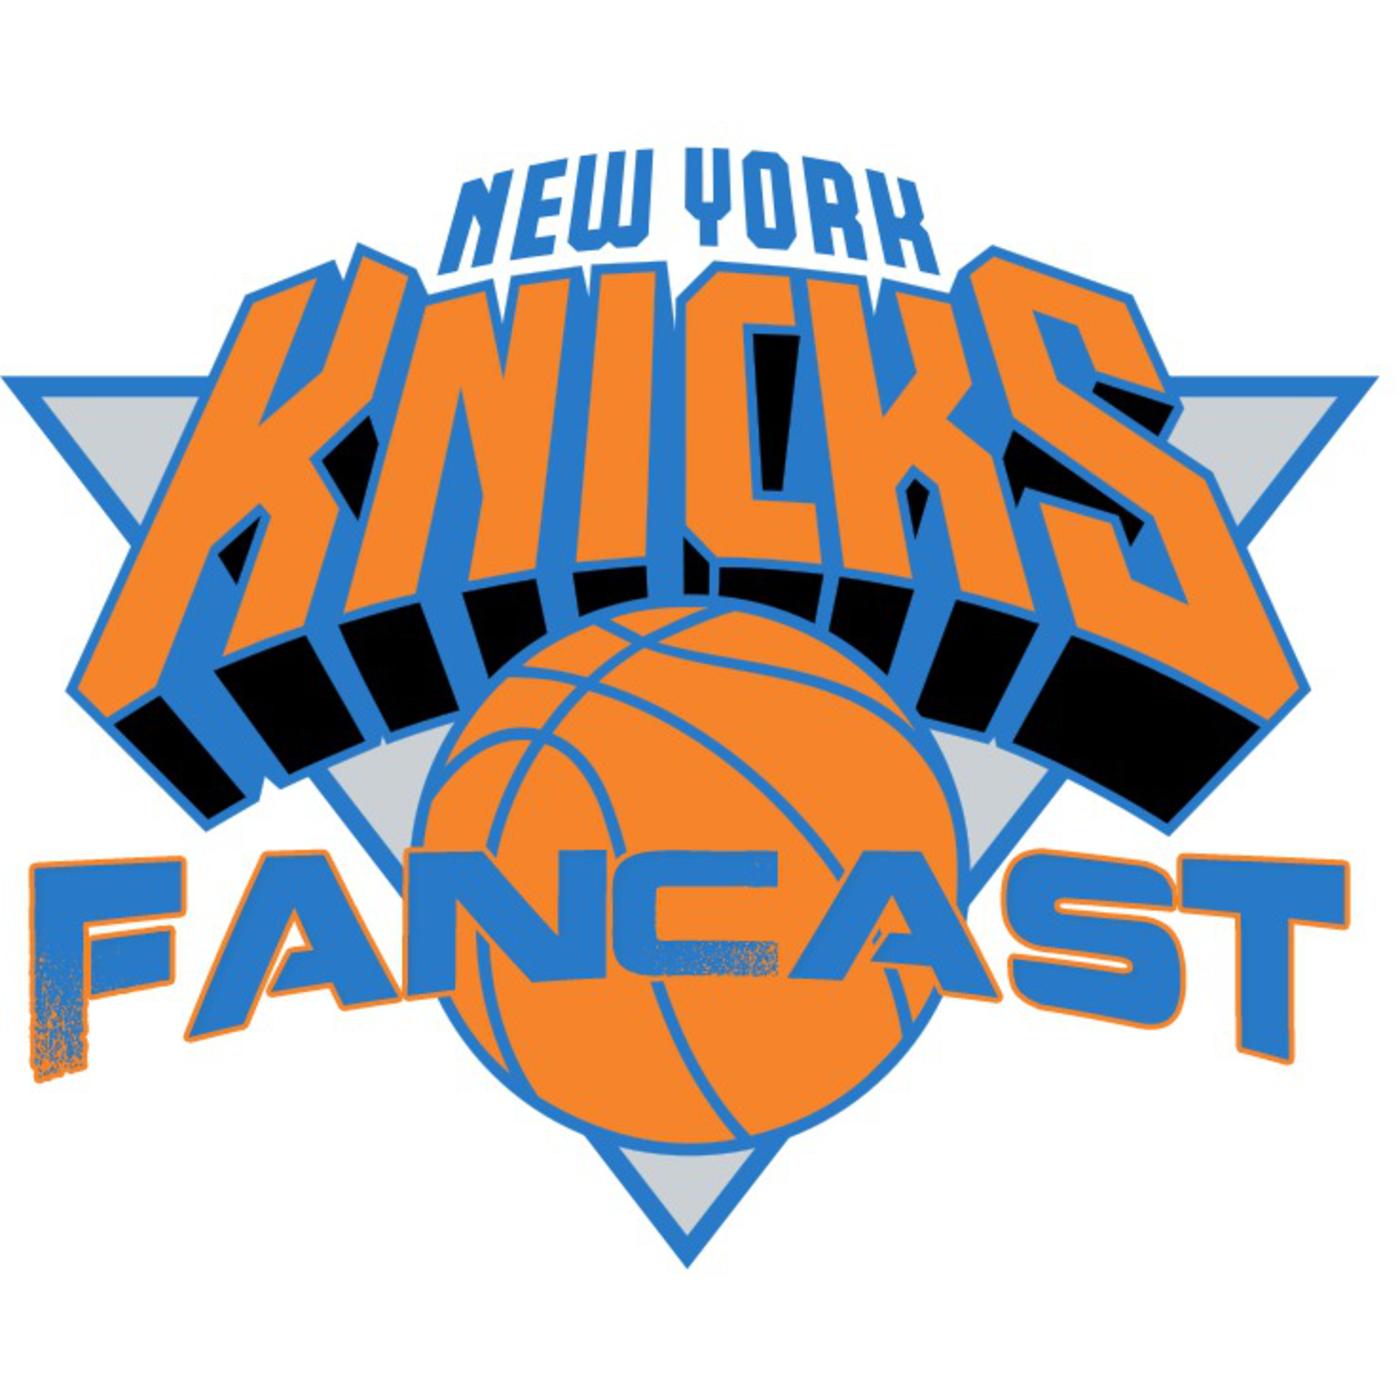 Knicks Fancast